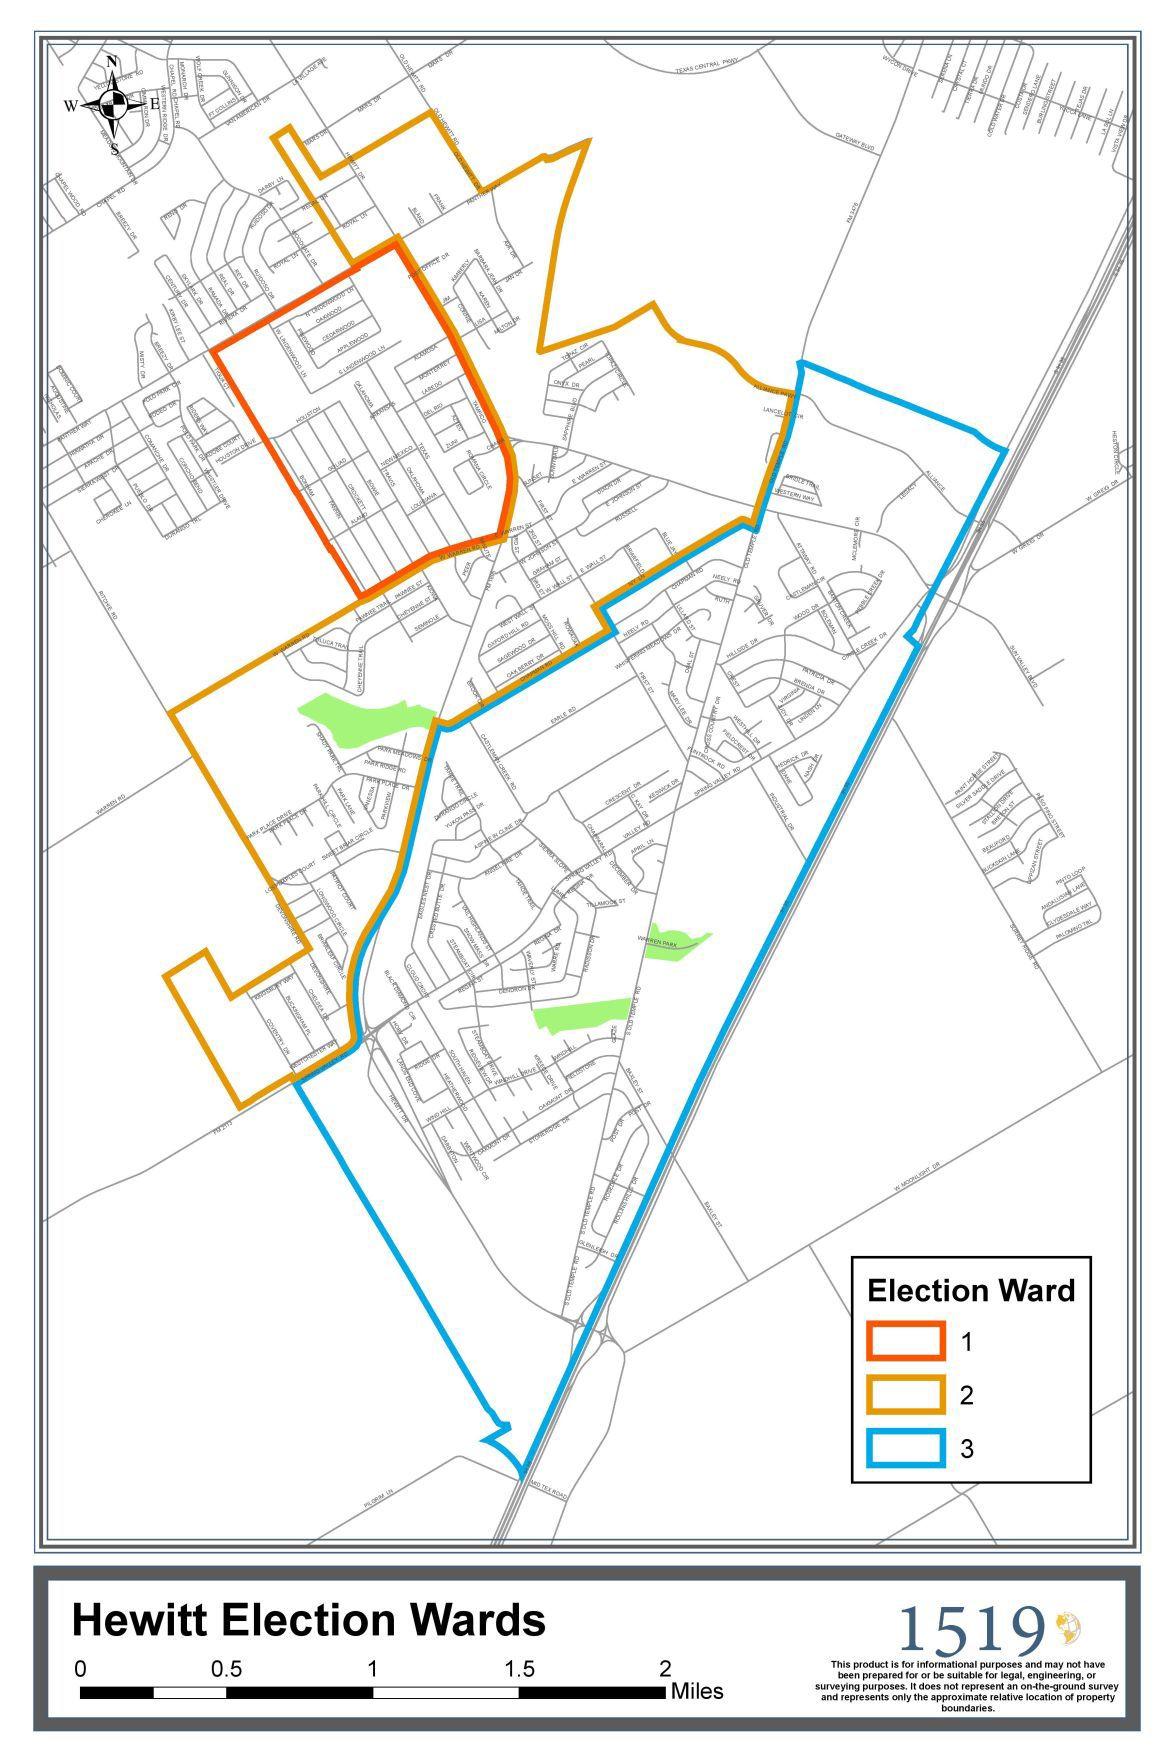 Hewitt Ward map